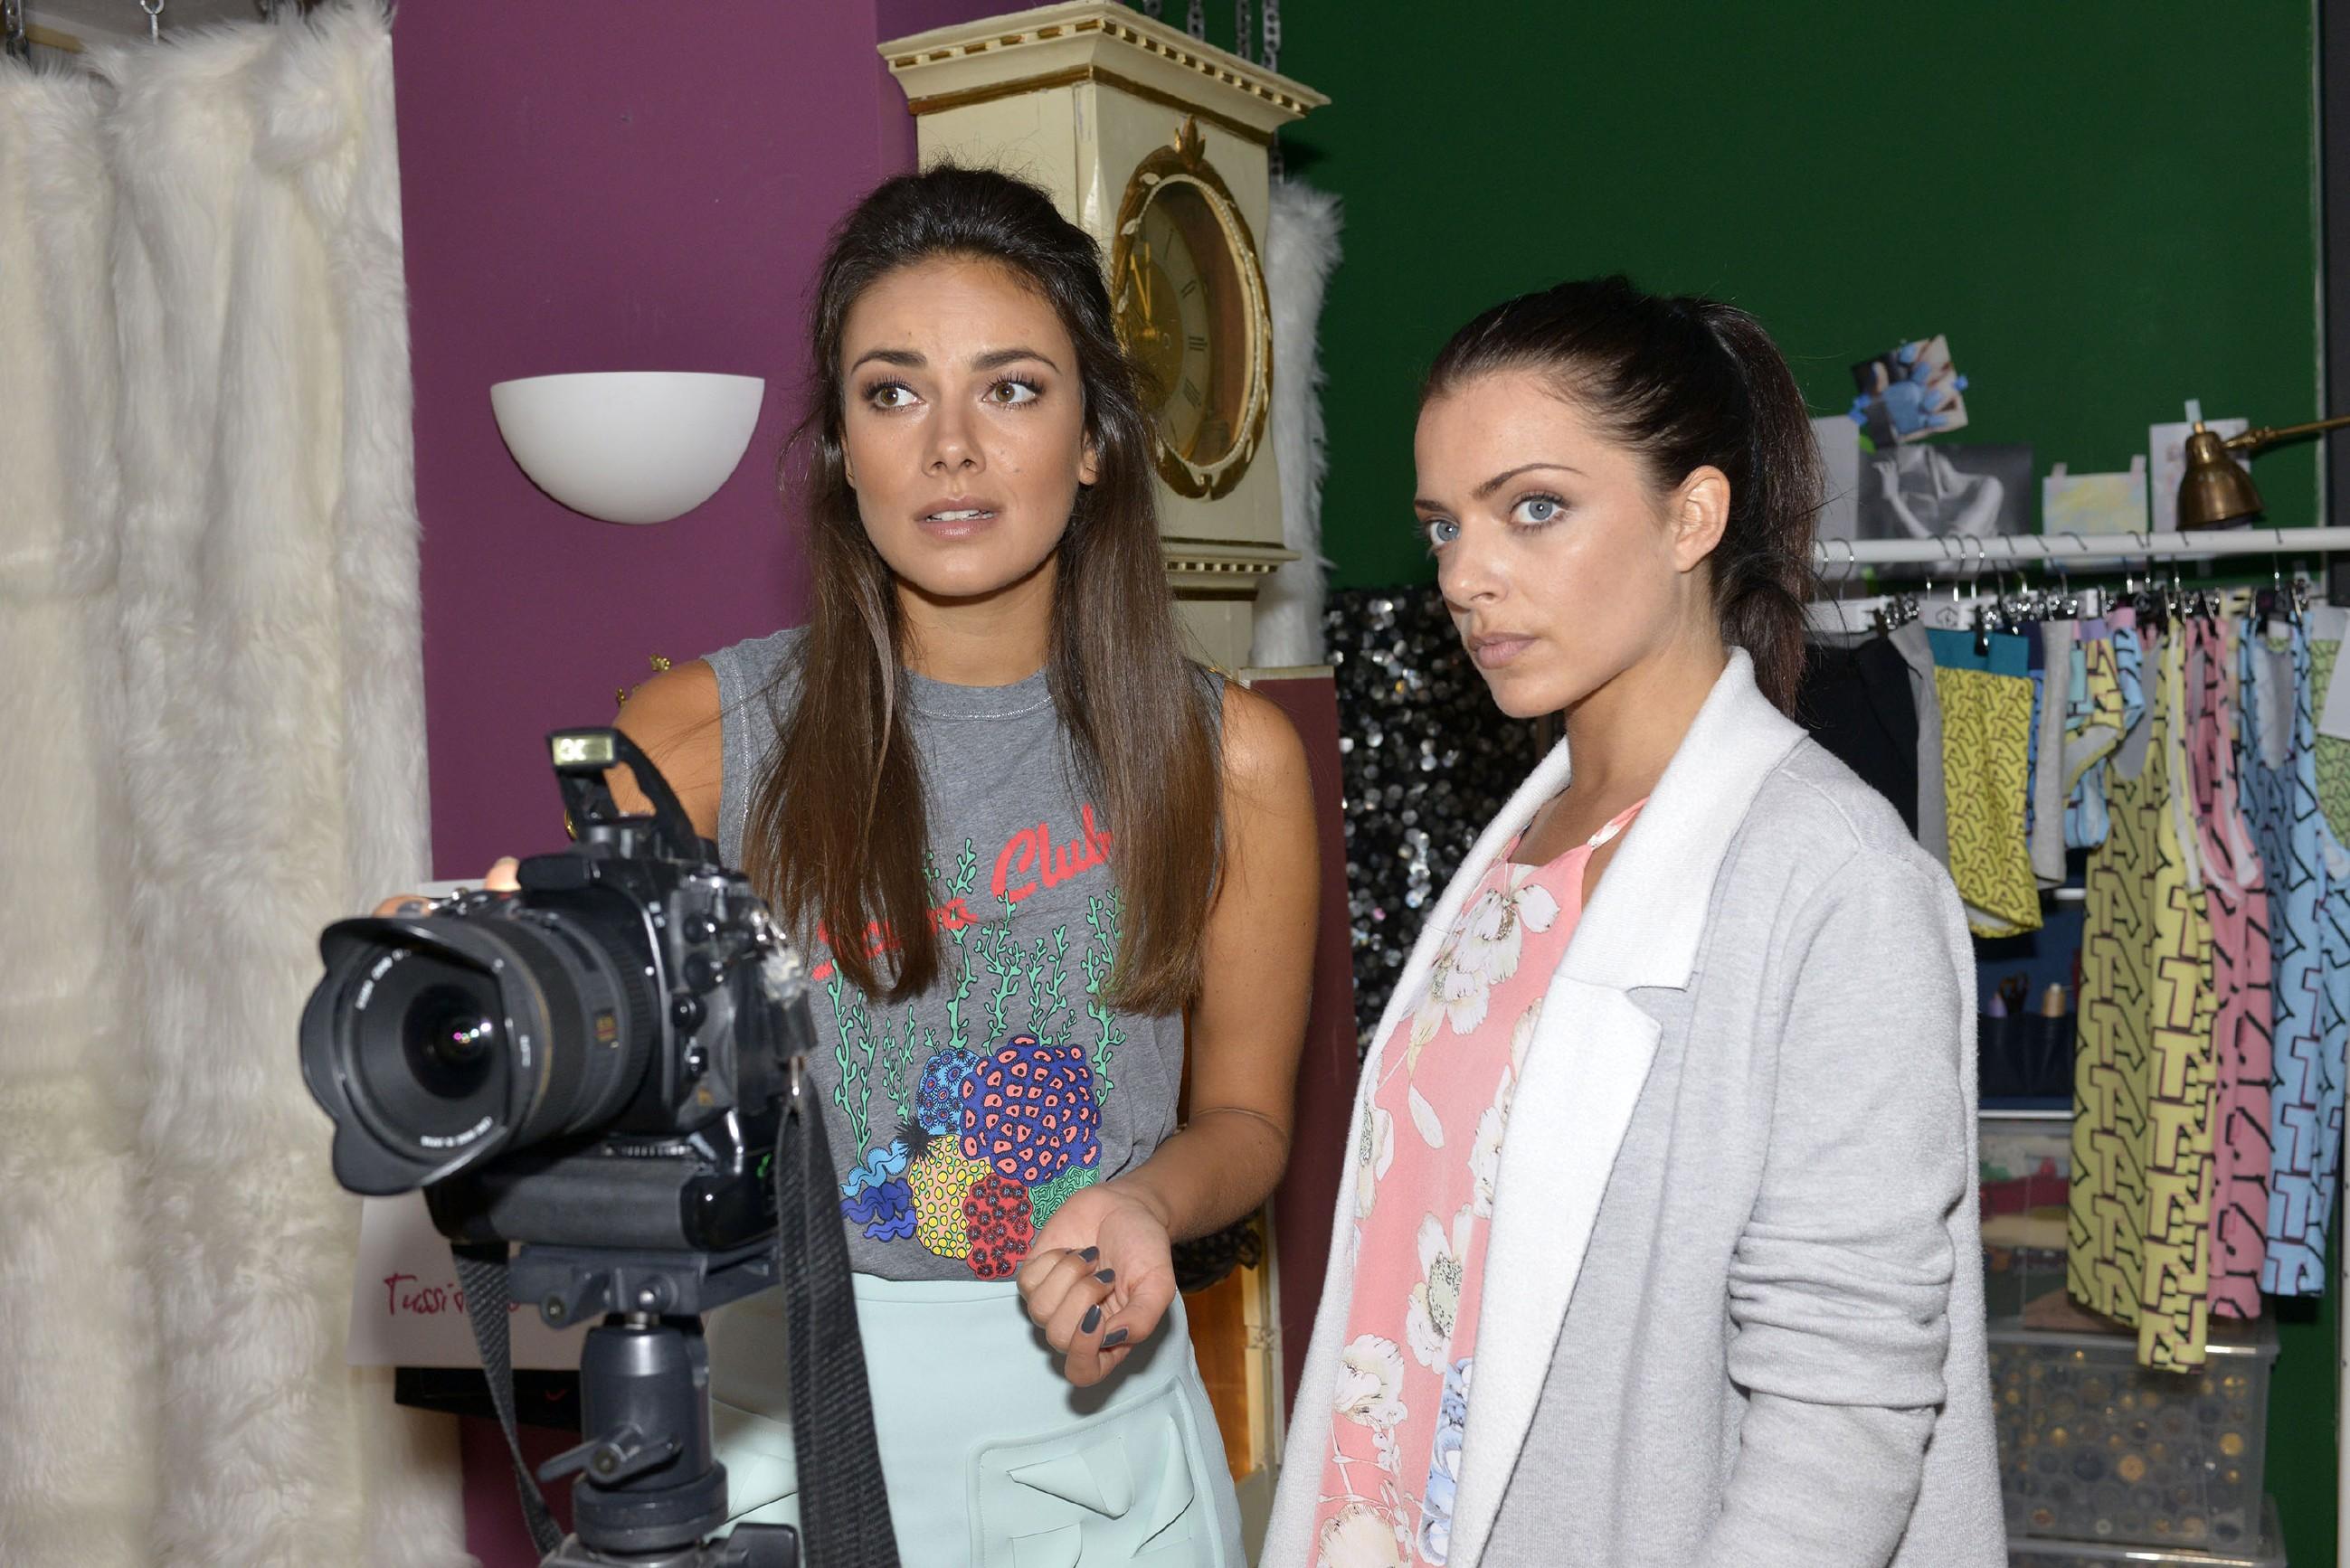 Im Gegensatz zu Jasmin (Janina Uhse, l.) zweifelt Emily (Anne Menden) an der Professionalität von ihrem neuen Model Milo. (Quelle: RTL / Rolf Baumgartner)